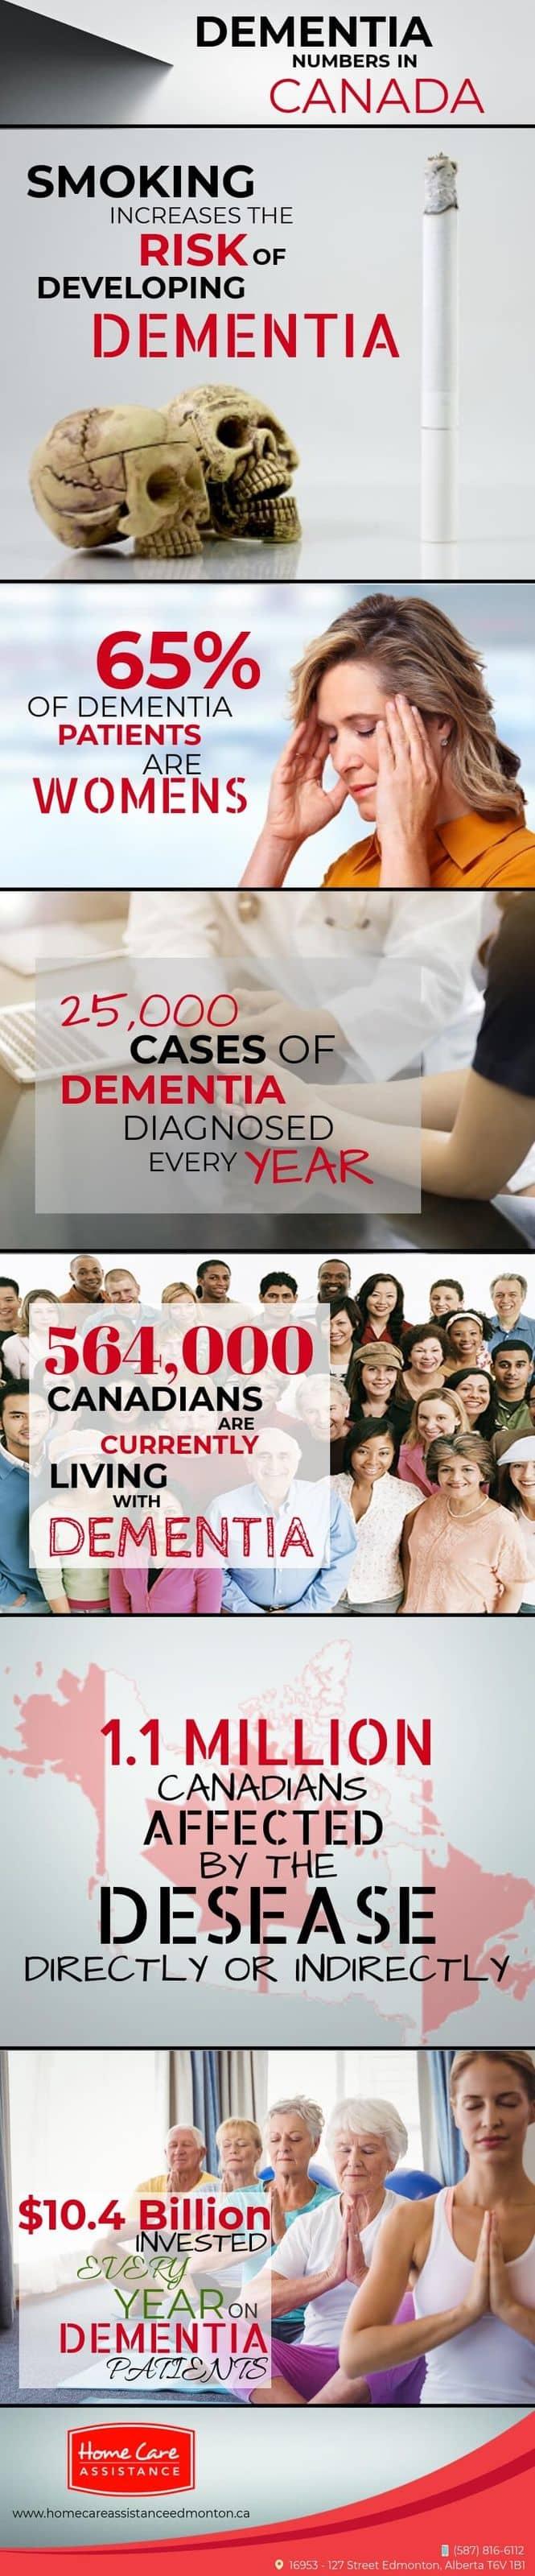 Dementia Numbers in Canada